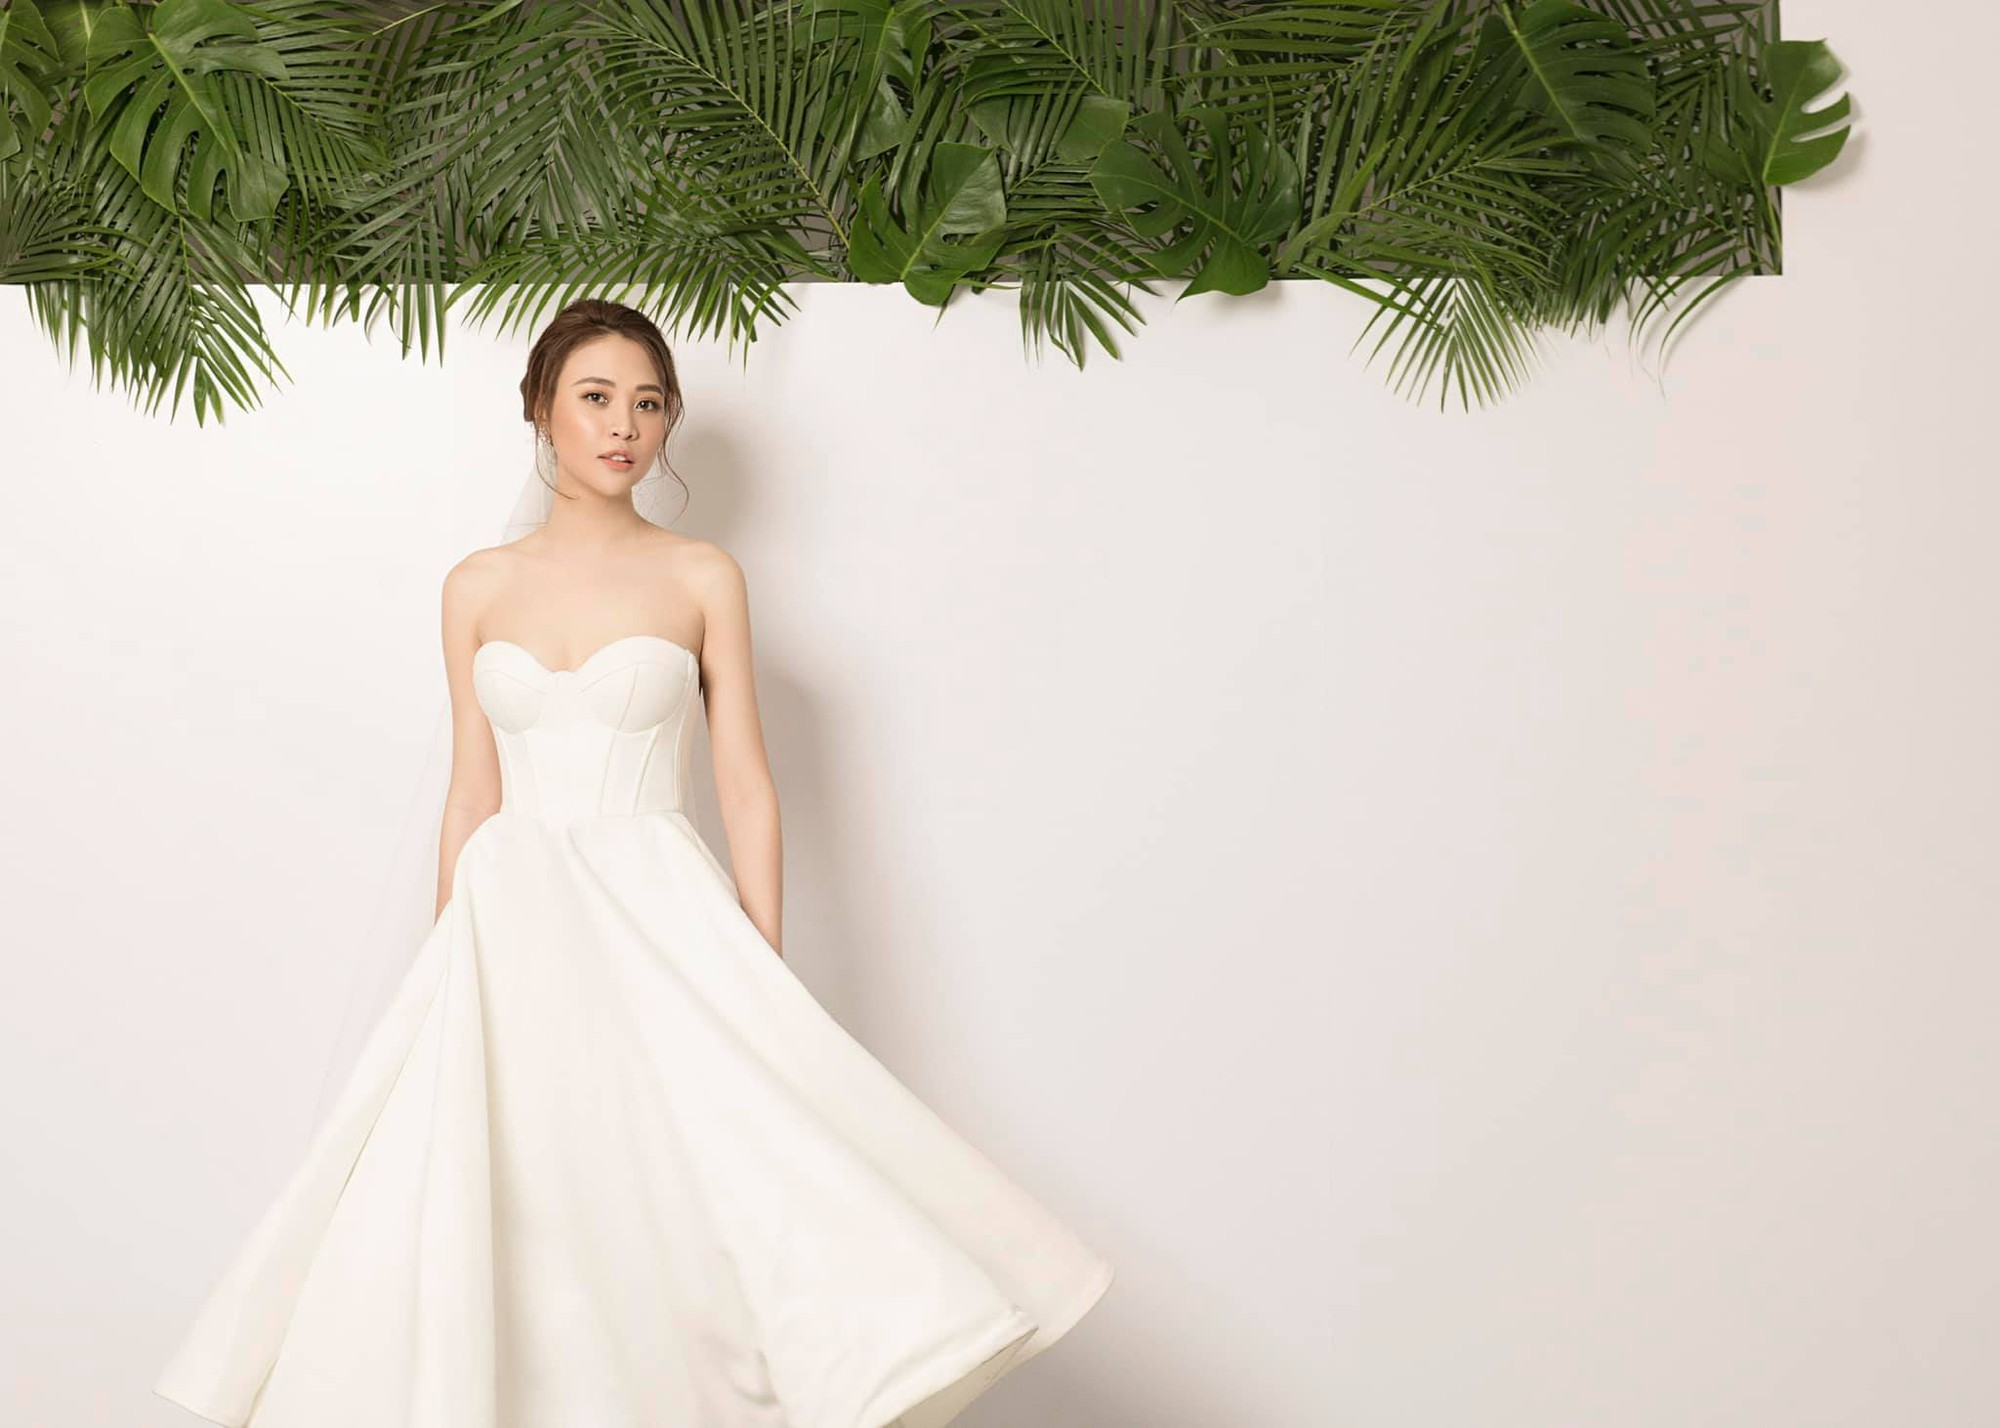 Không hổ danh Hoa khôi, Đàm Thu Trang tung ảnh cưới đơn giản nhưng vẫn xinh đẹp yêu kiều hết phần thiên hạ-1